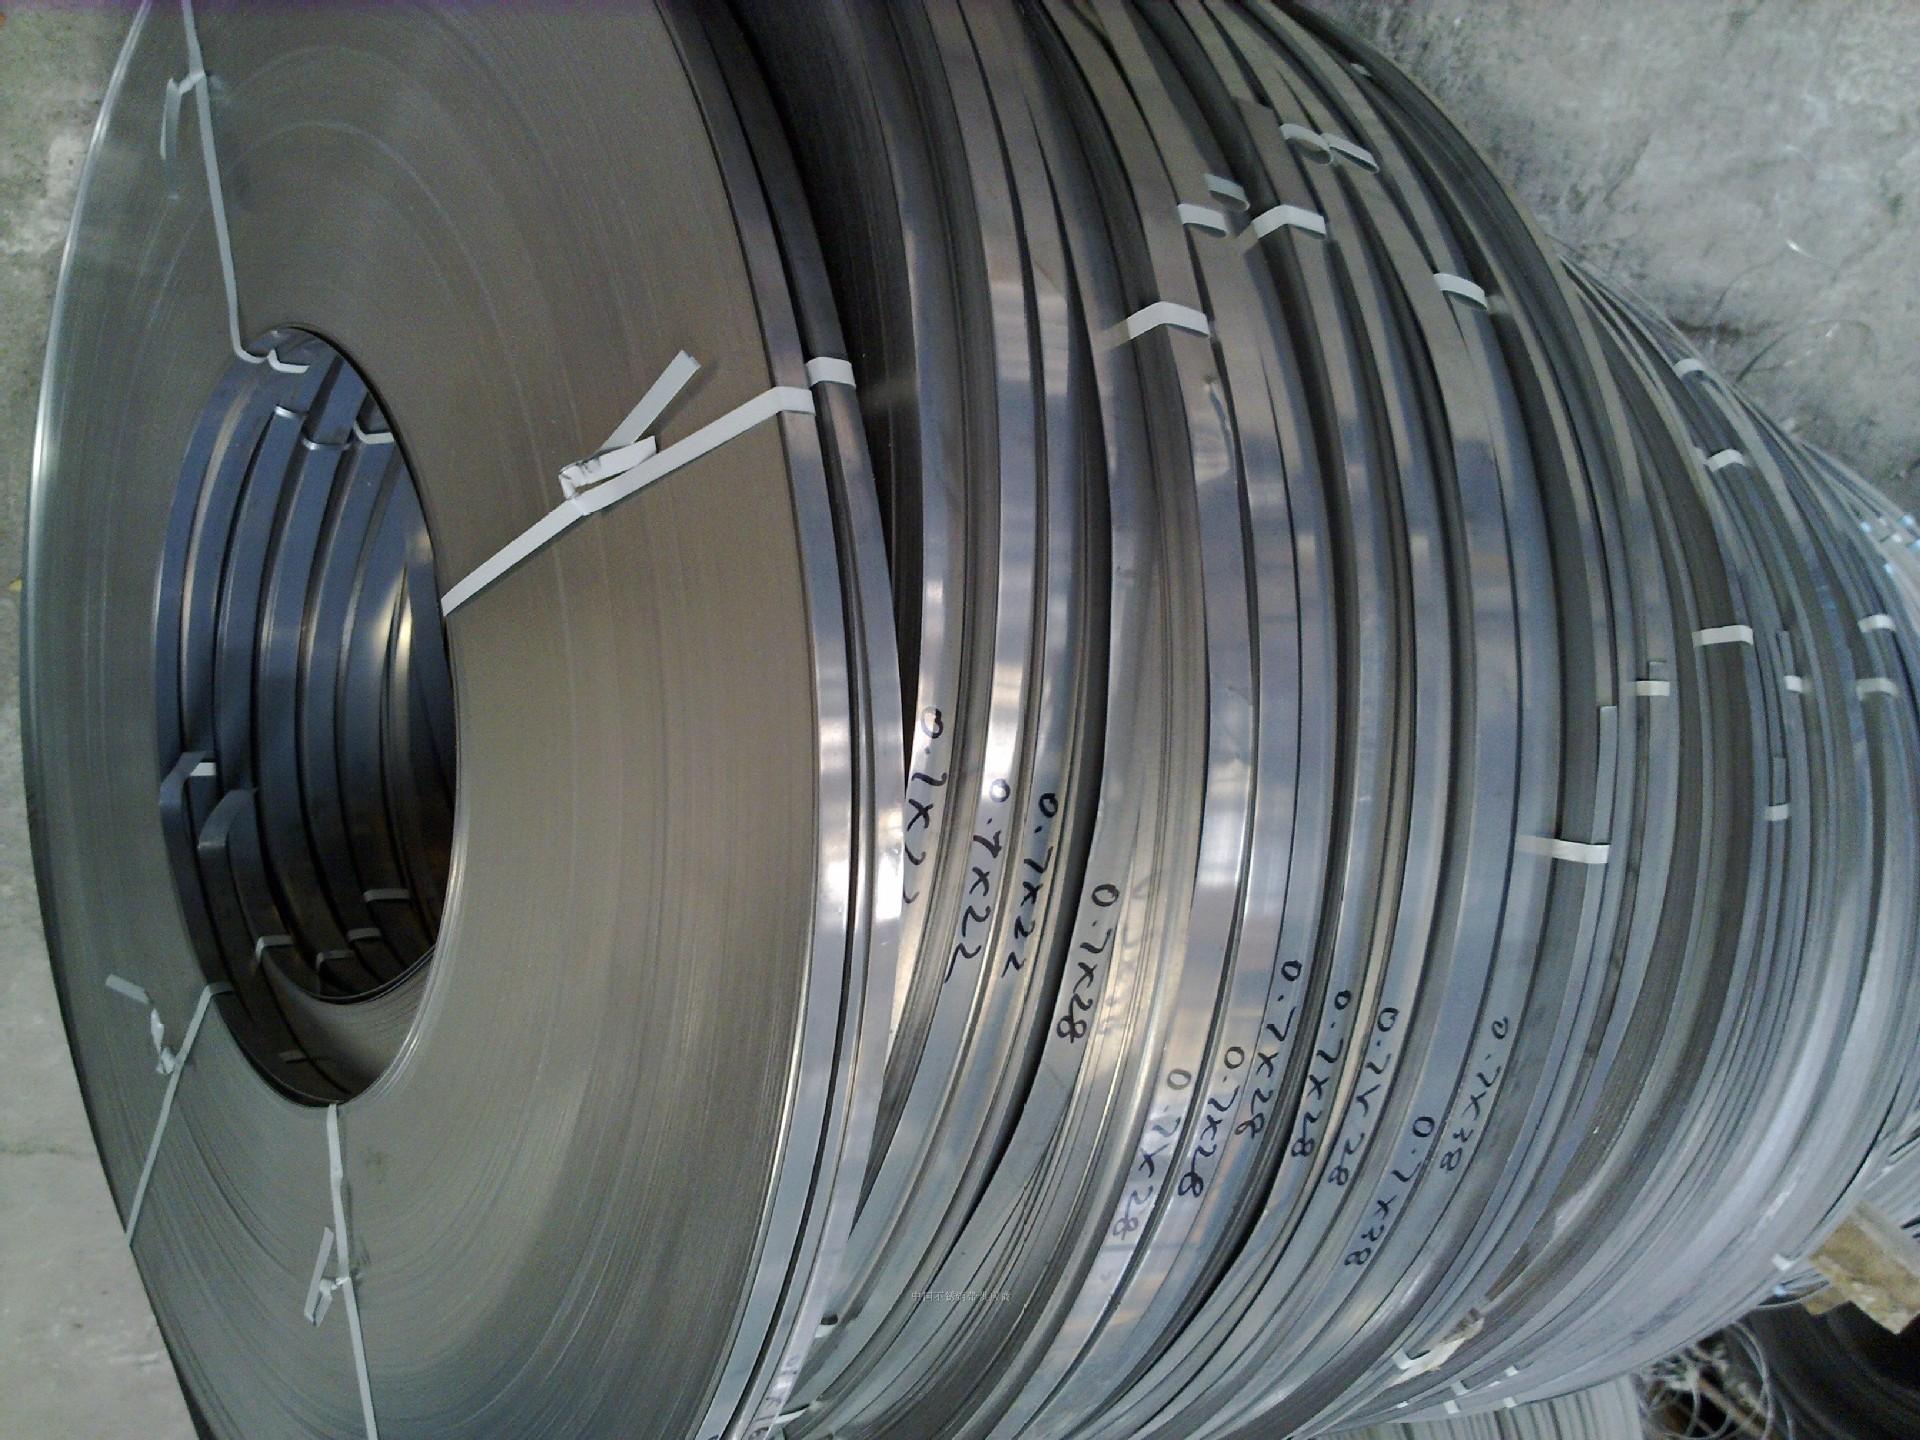 301不锈钢弹簧带特硬发条料深圳不锈钢带厂家直销